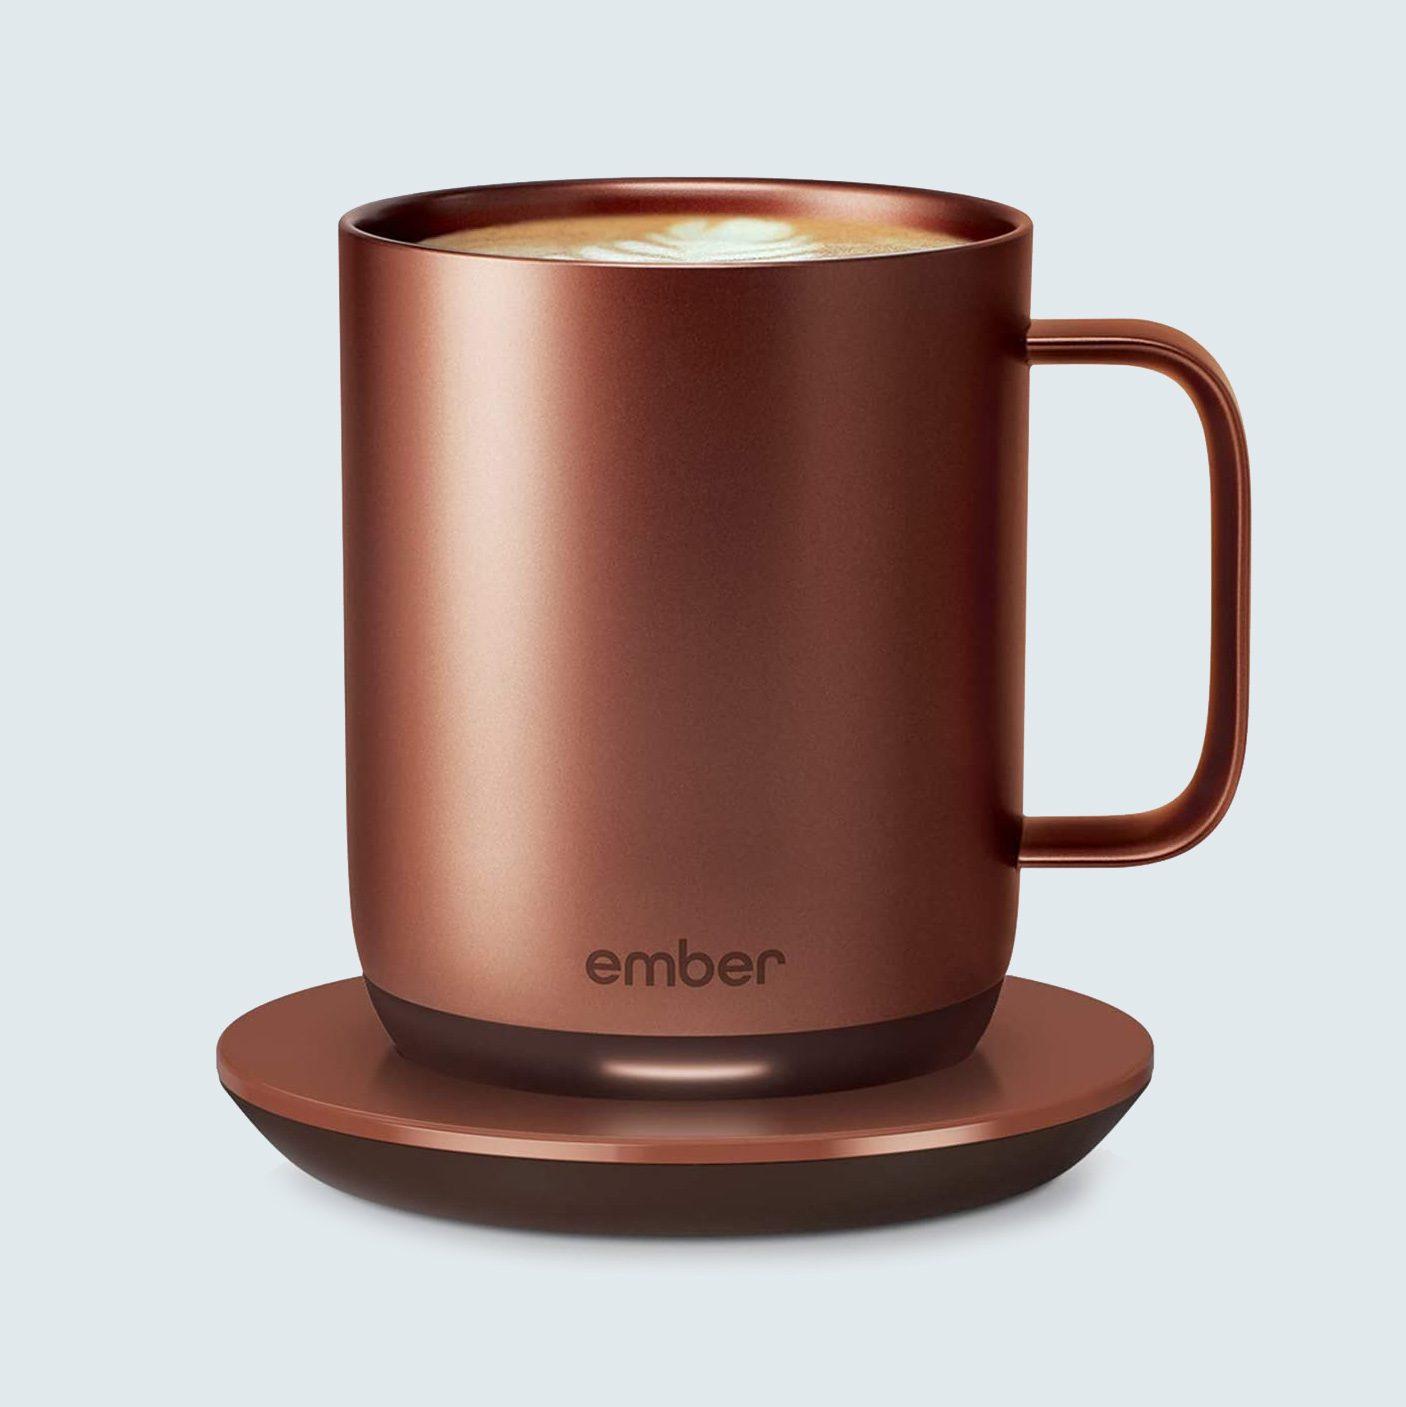 New Ember 2 Temperature Control Smart Mug